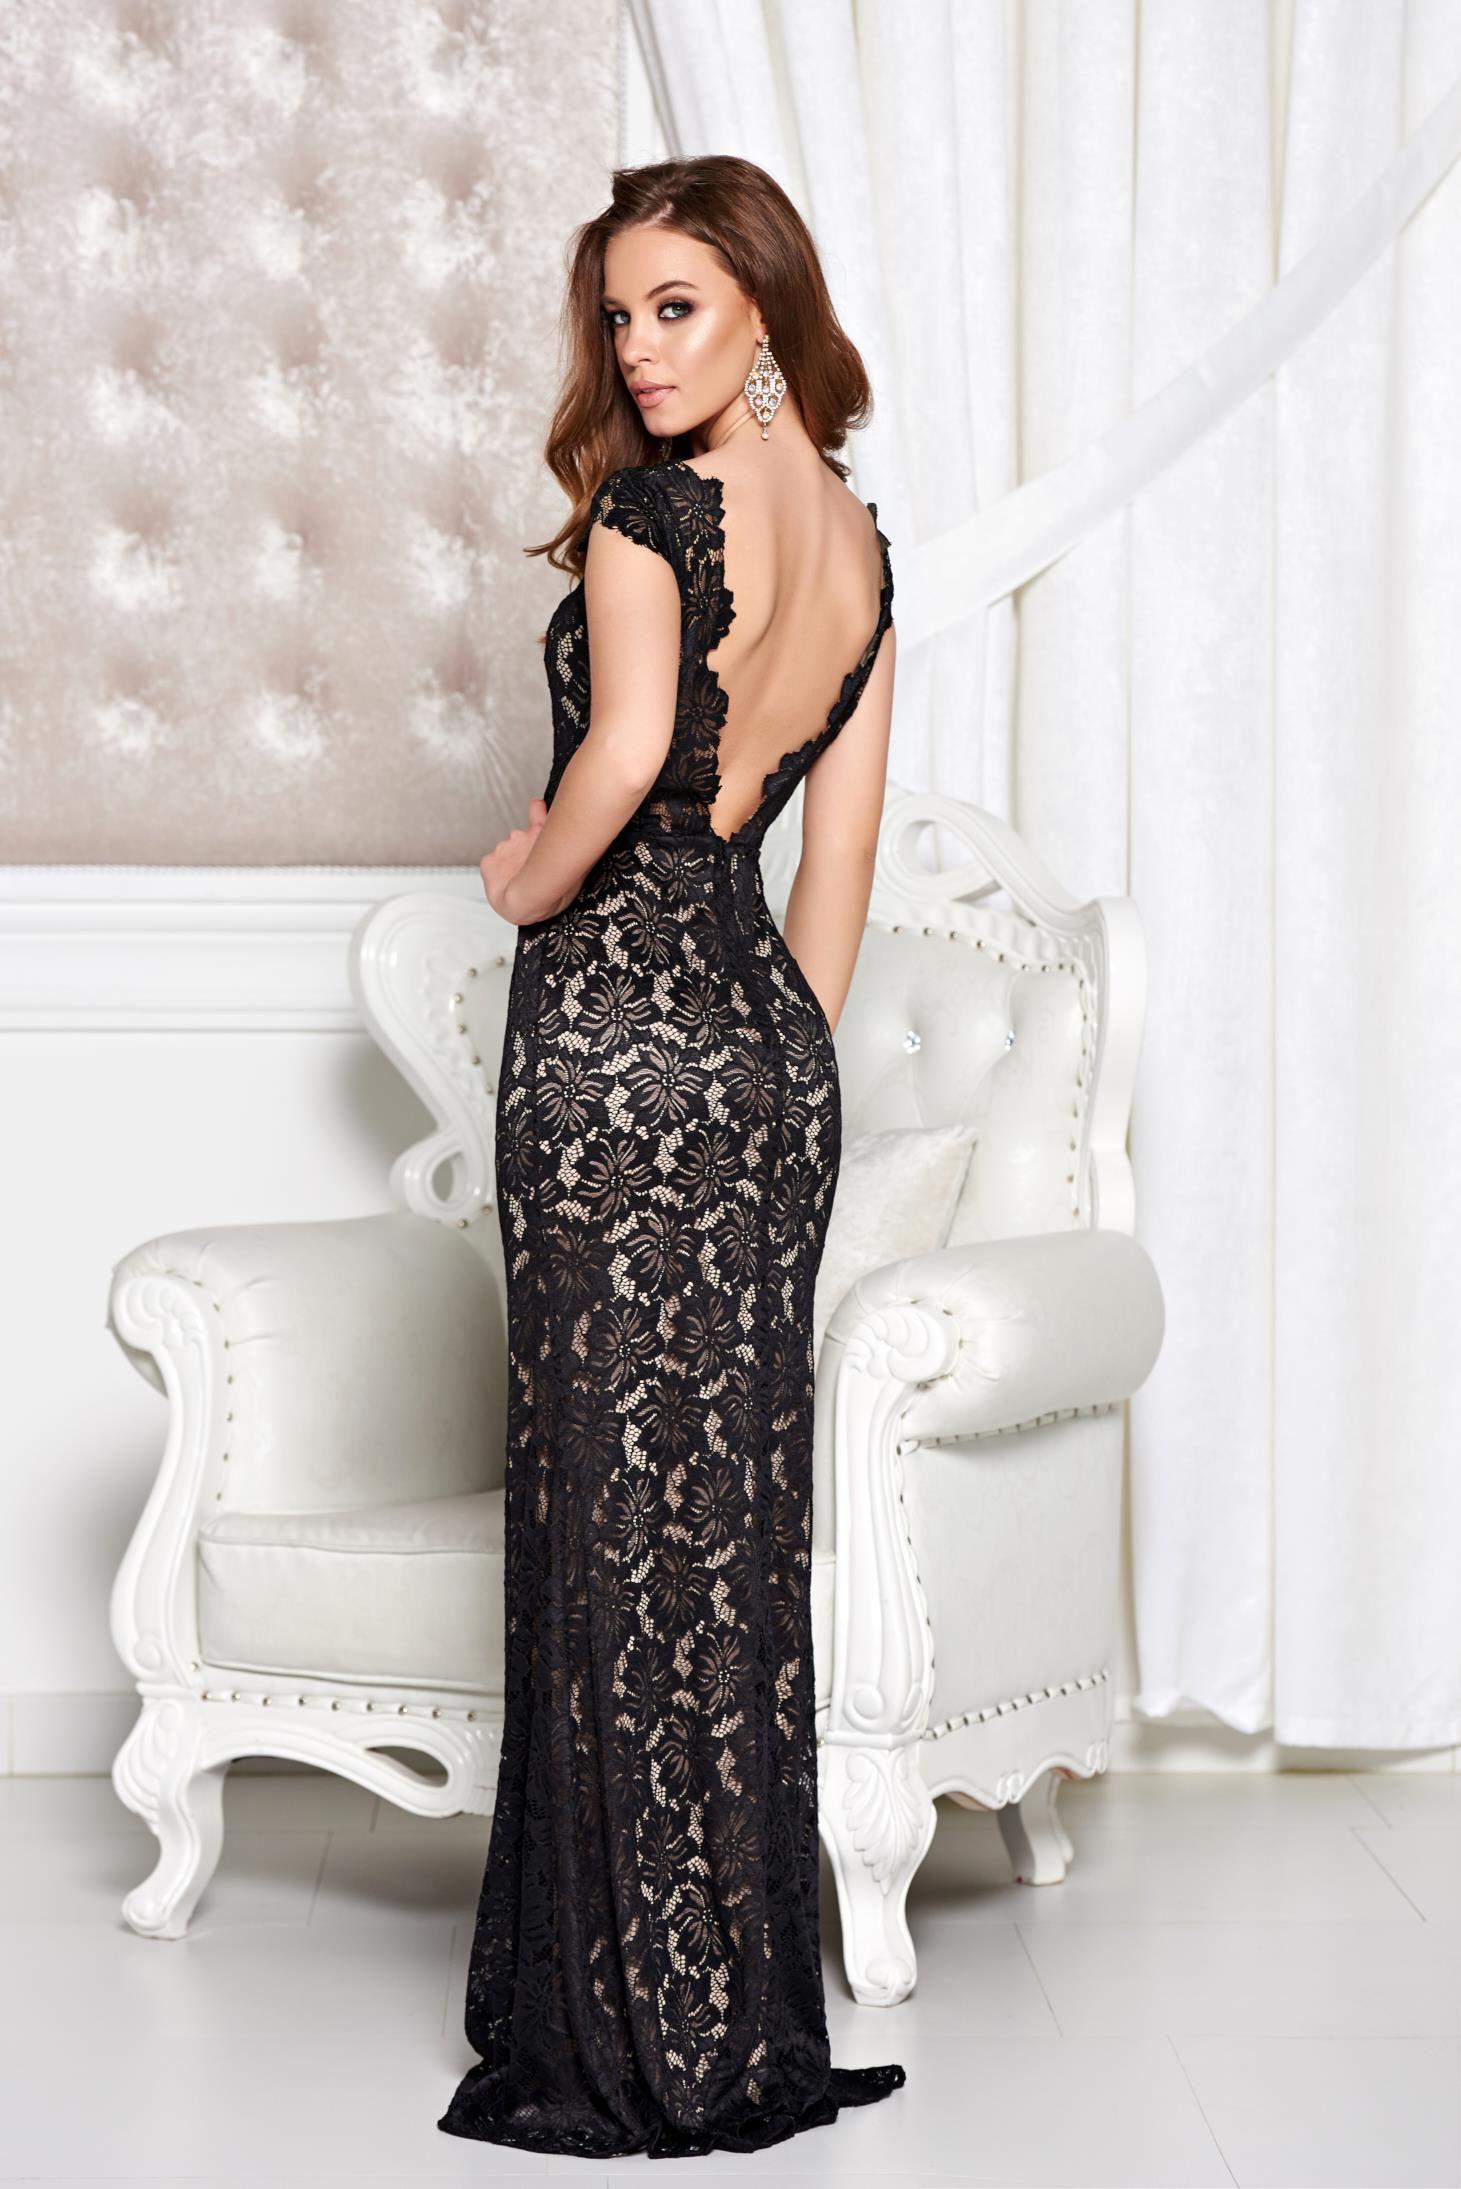 Comanda online, Rochie StarShinerS Special Sirene Black. Articole masurate, calitate garantata!